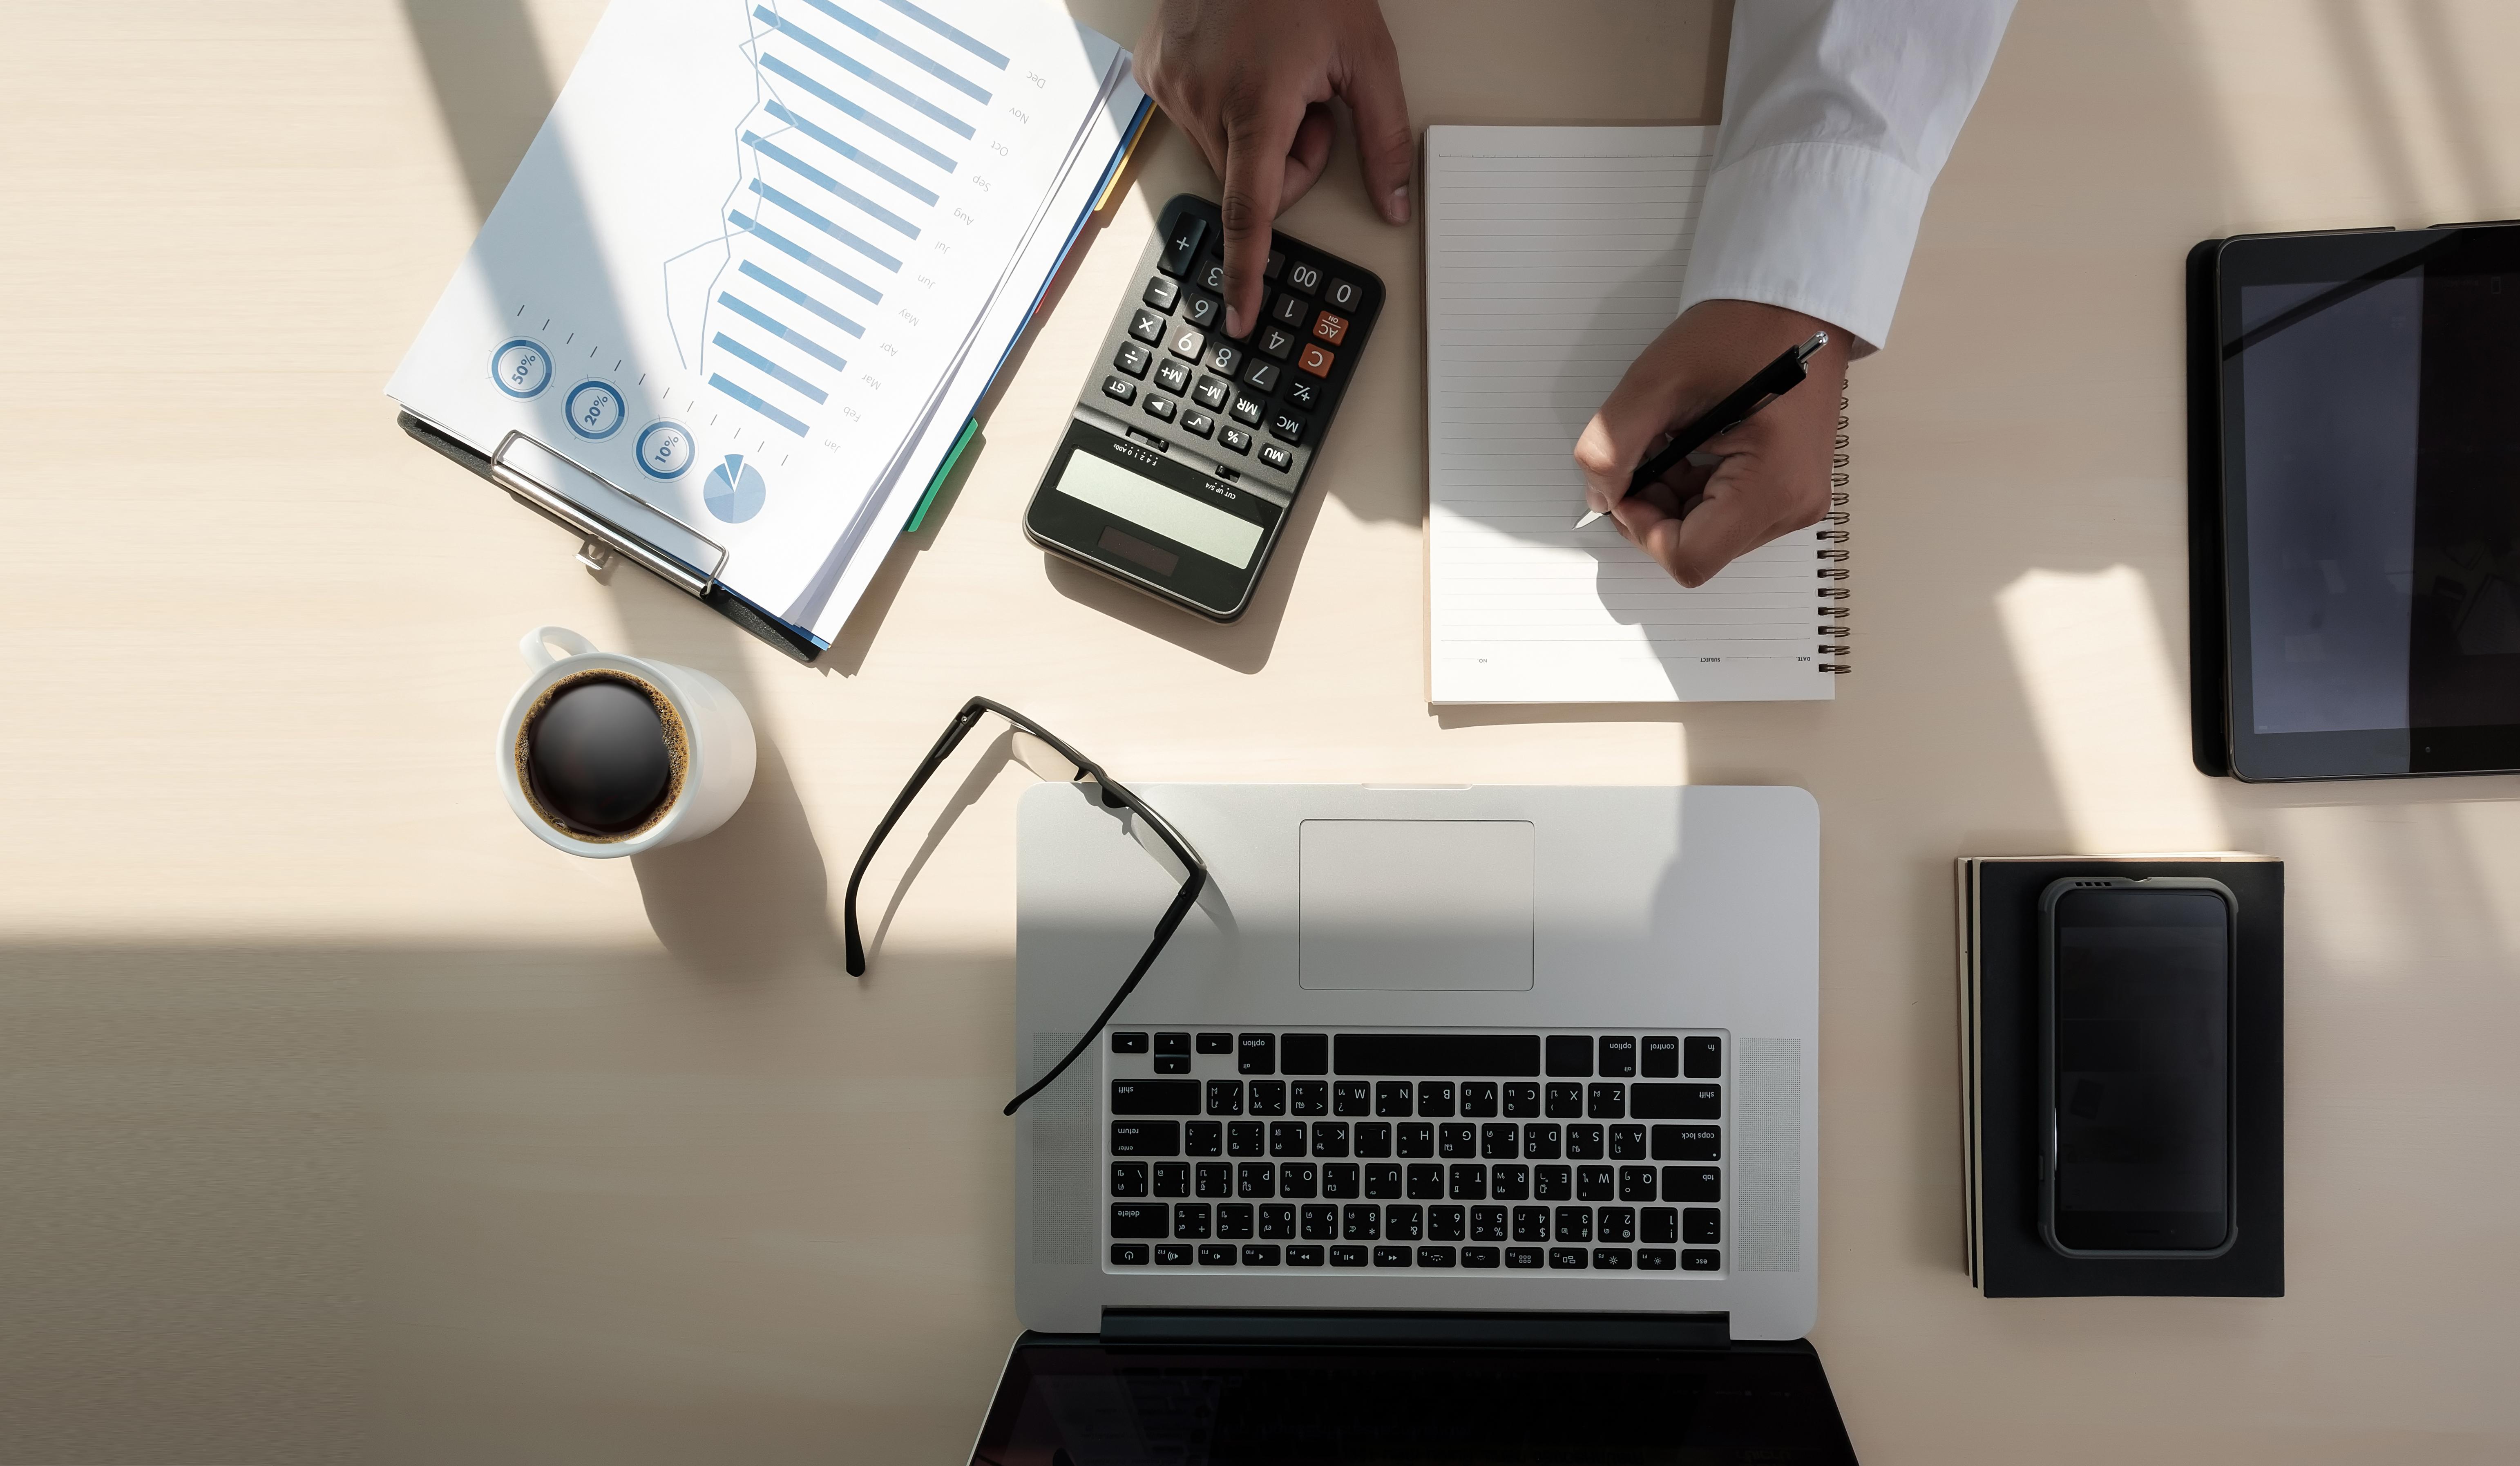 издержки кадрового делопроизводства